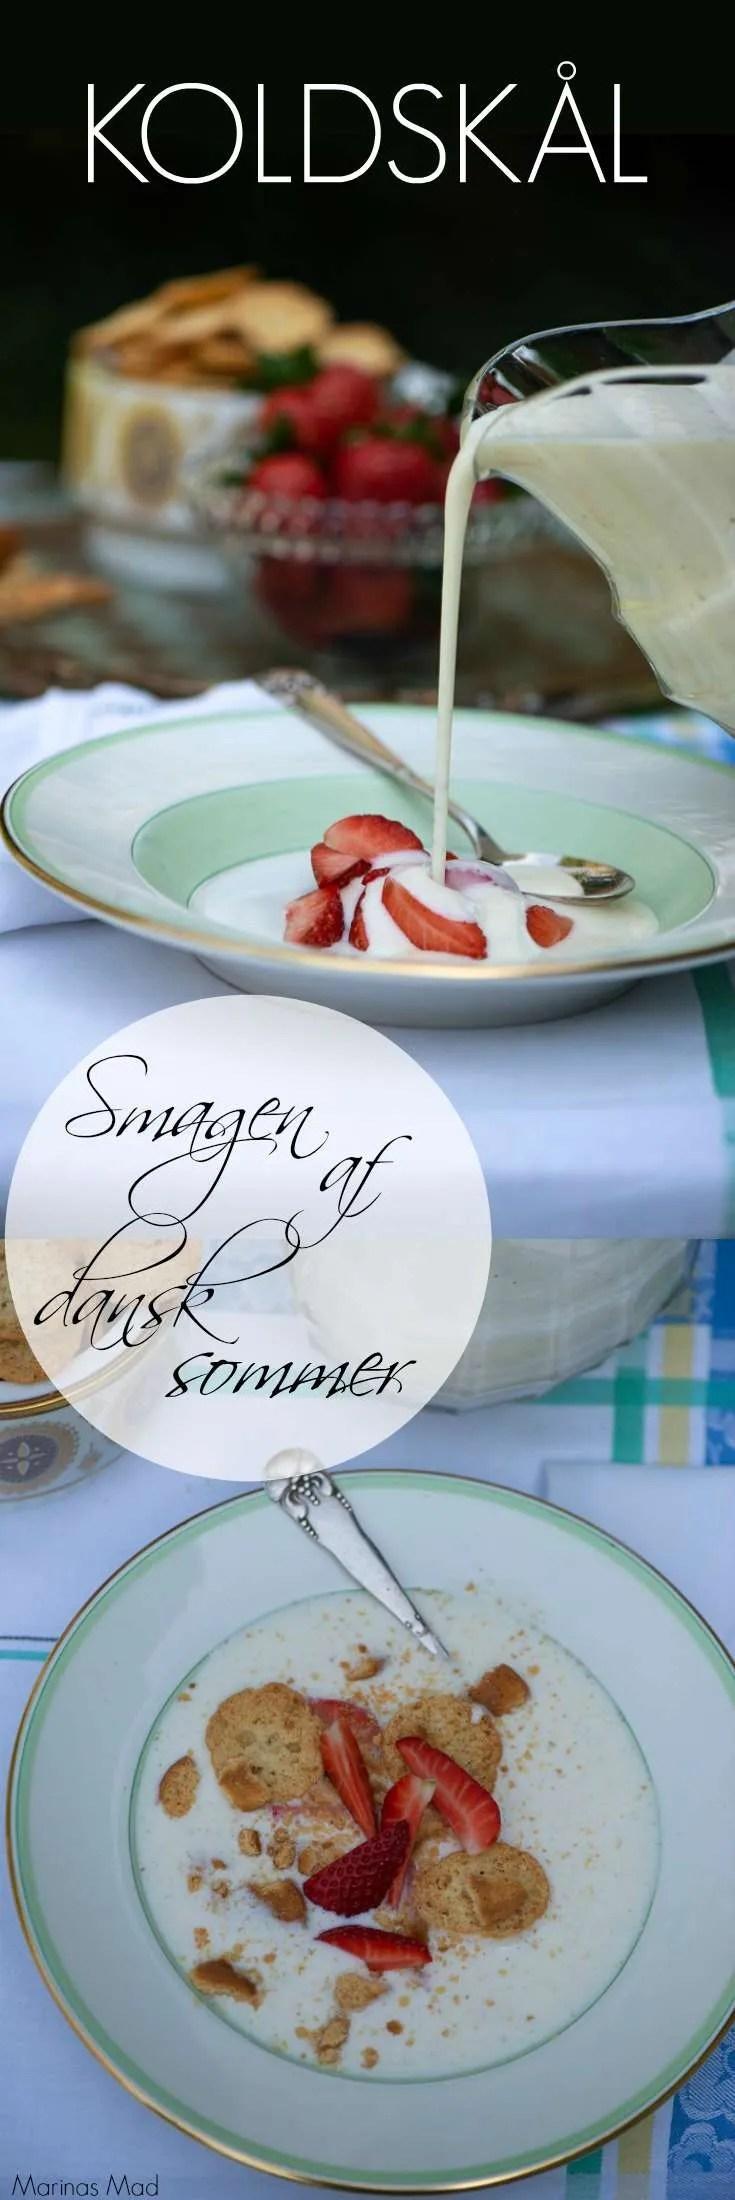 Hjemmelavet koldskål er så dejligt og smager virkeligt af sommer i Danmark. Server din kærnemælkskoldskål med kammerjunkere, koldskålsknas eller frisk frugt. Sommer dessert opskrift fra Marinas Mad